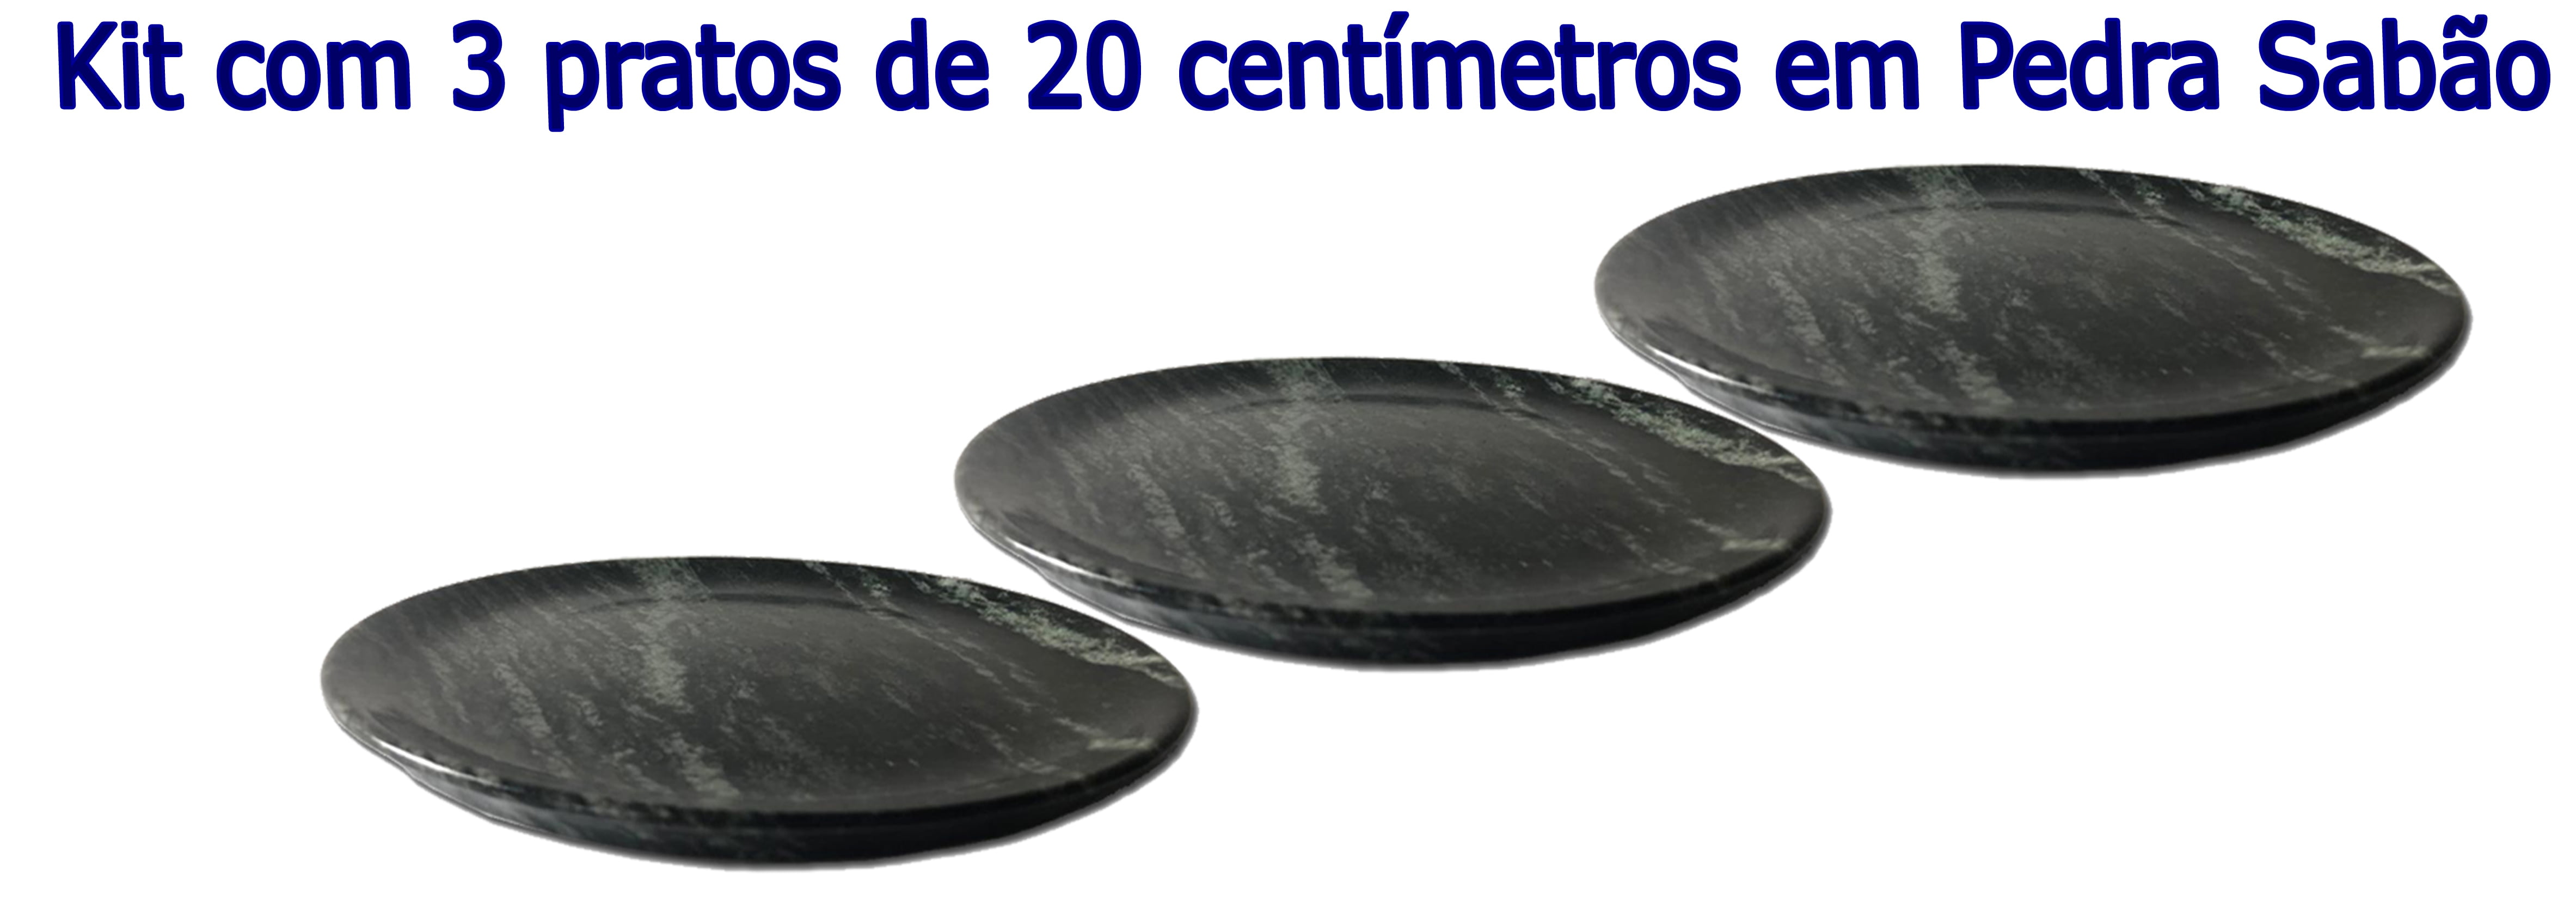 Kit Com 3 Pratos Raso Em Pedra Sabão 20 Cm De Diâmetro